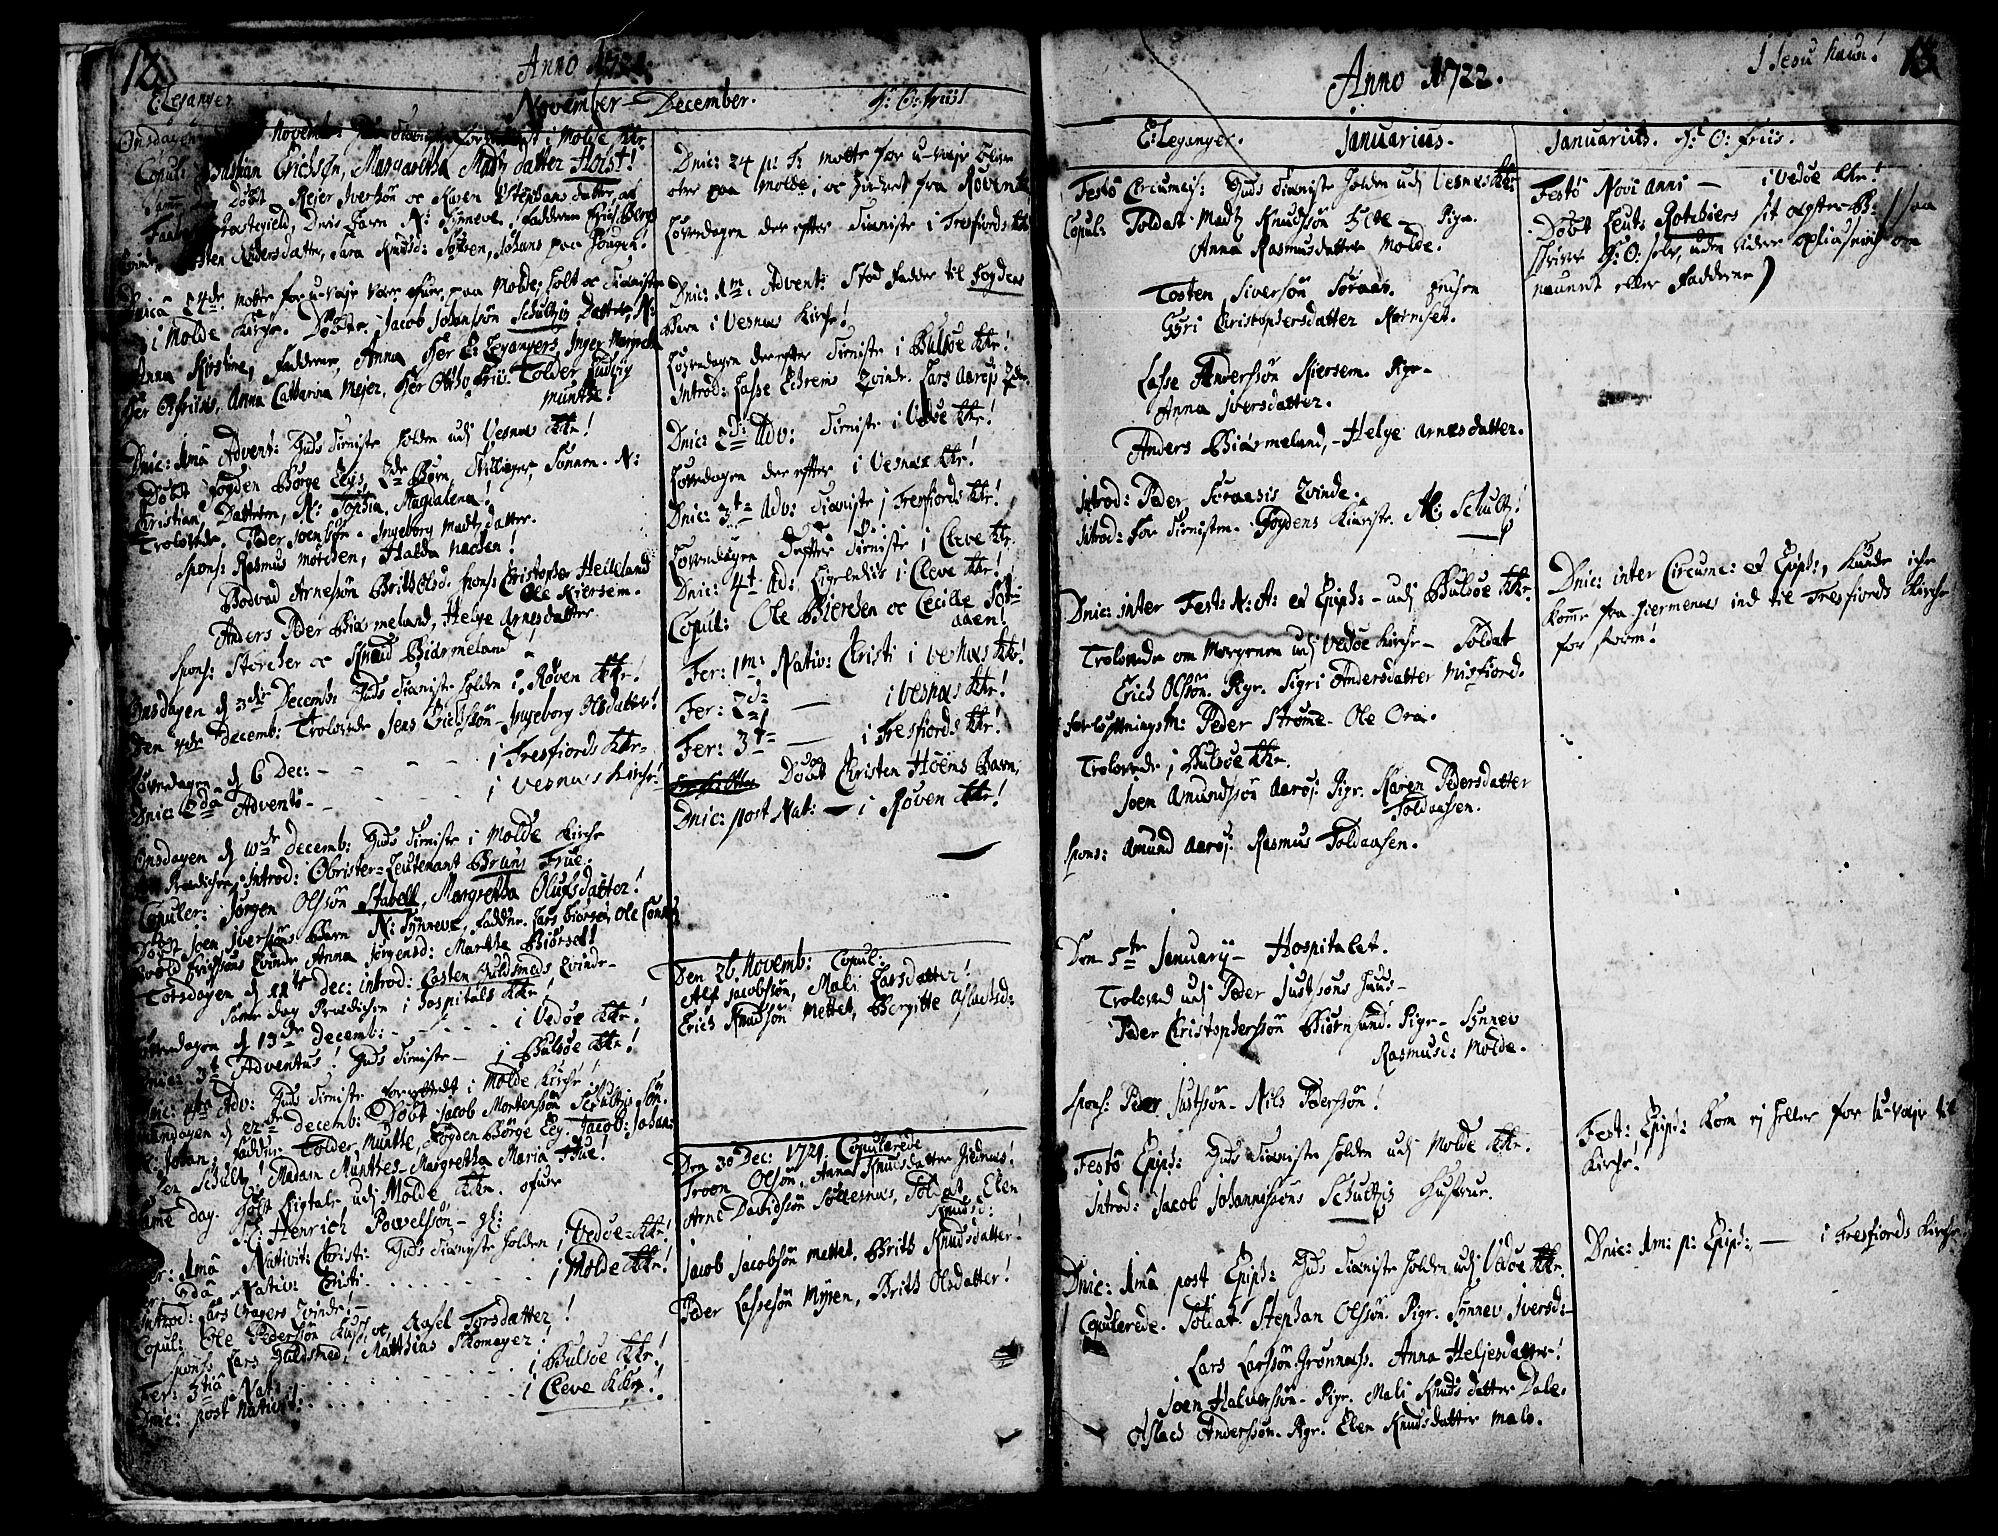 SAT, Ministerialprotokoller, klokkerbøker og fødselsregistre - Møre og Romsdal, 547/L0599: Ministerialbok nr. 547A01, 1721-1764, s. 12-13